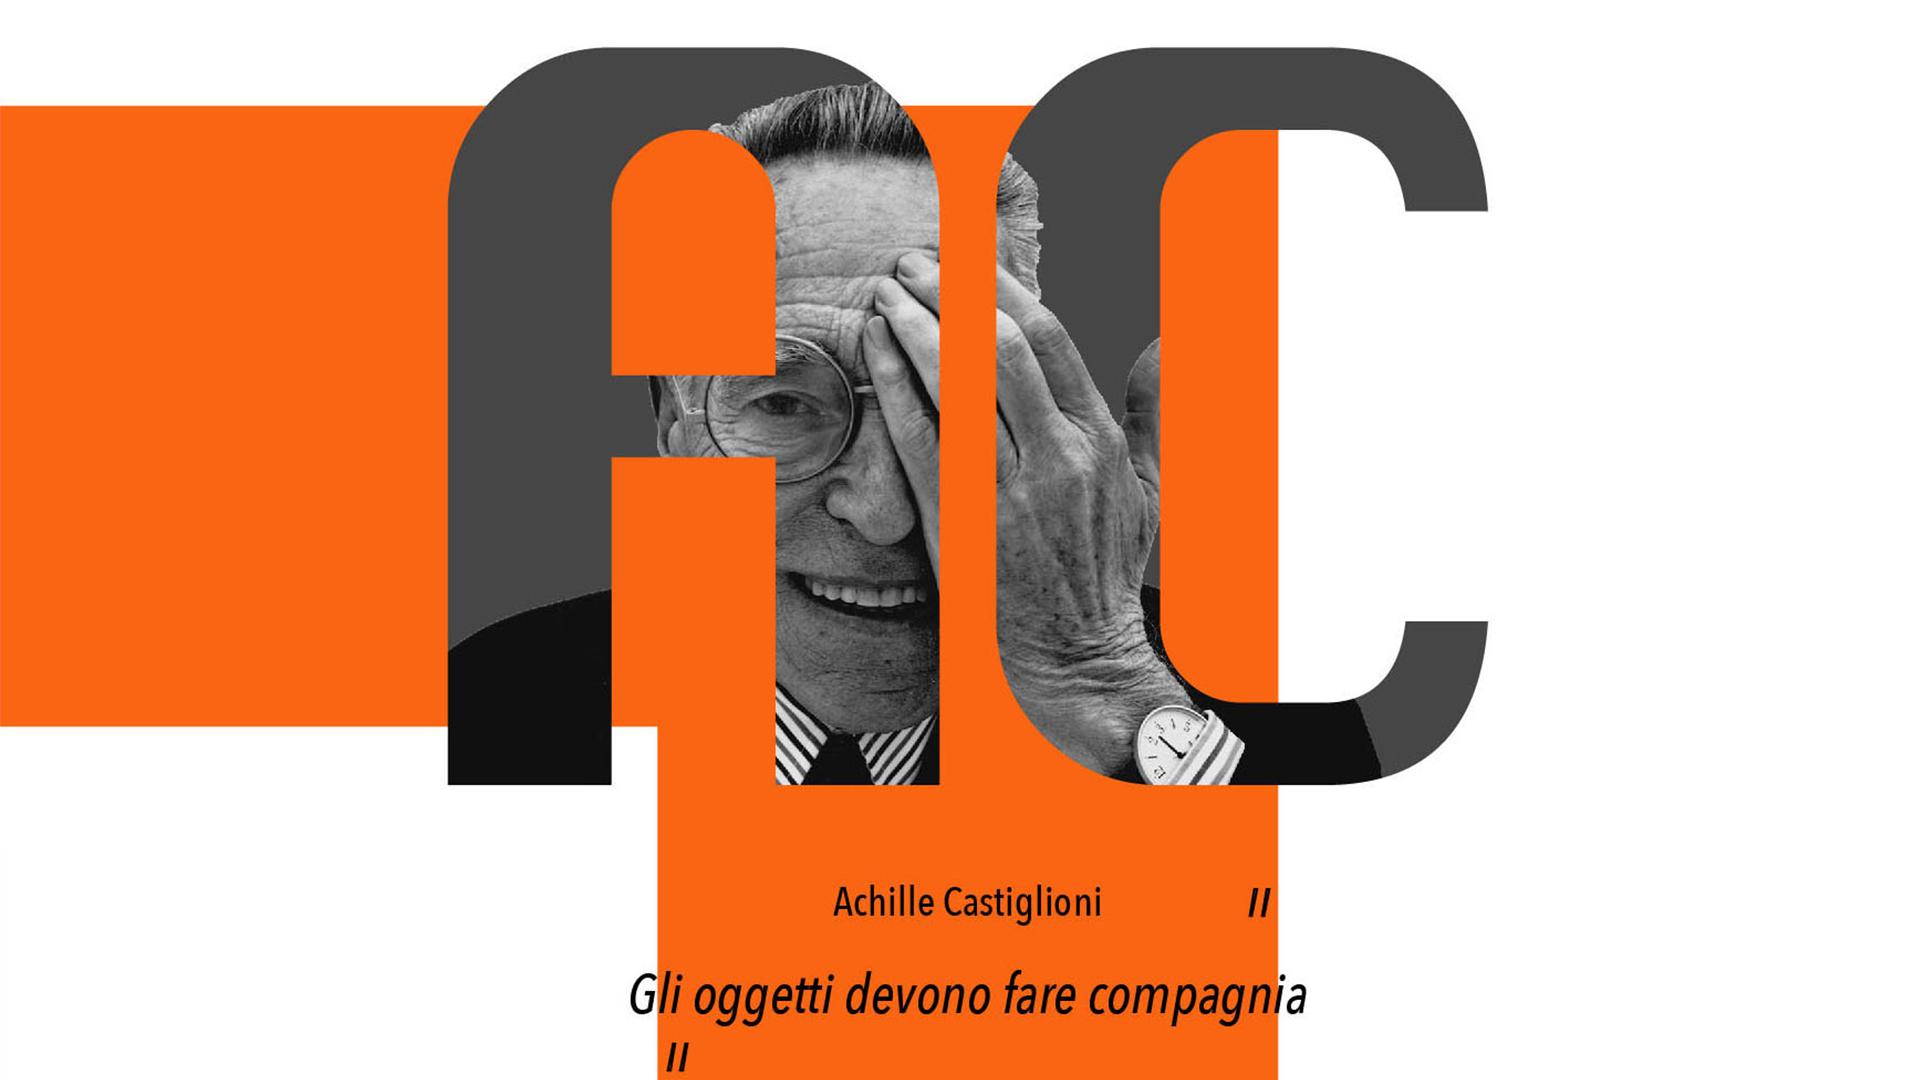 Grafica con le iniziali AC all'interno delle quali si vede il ritratto dell'architetto e designer Achille Castiglioni, protagonista dell'articolo.